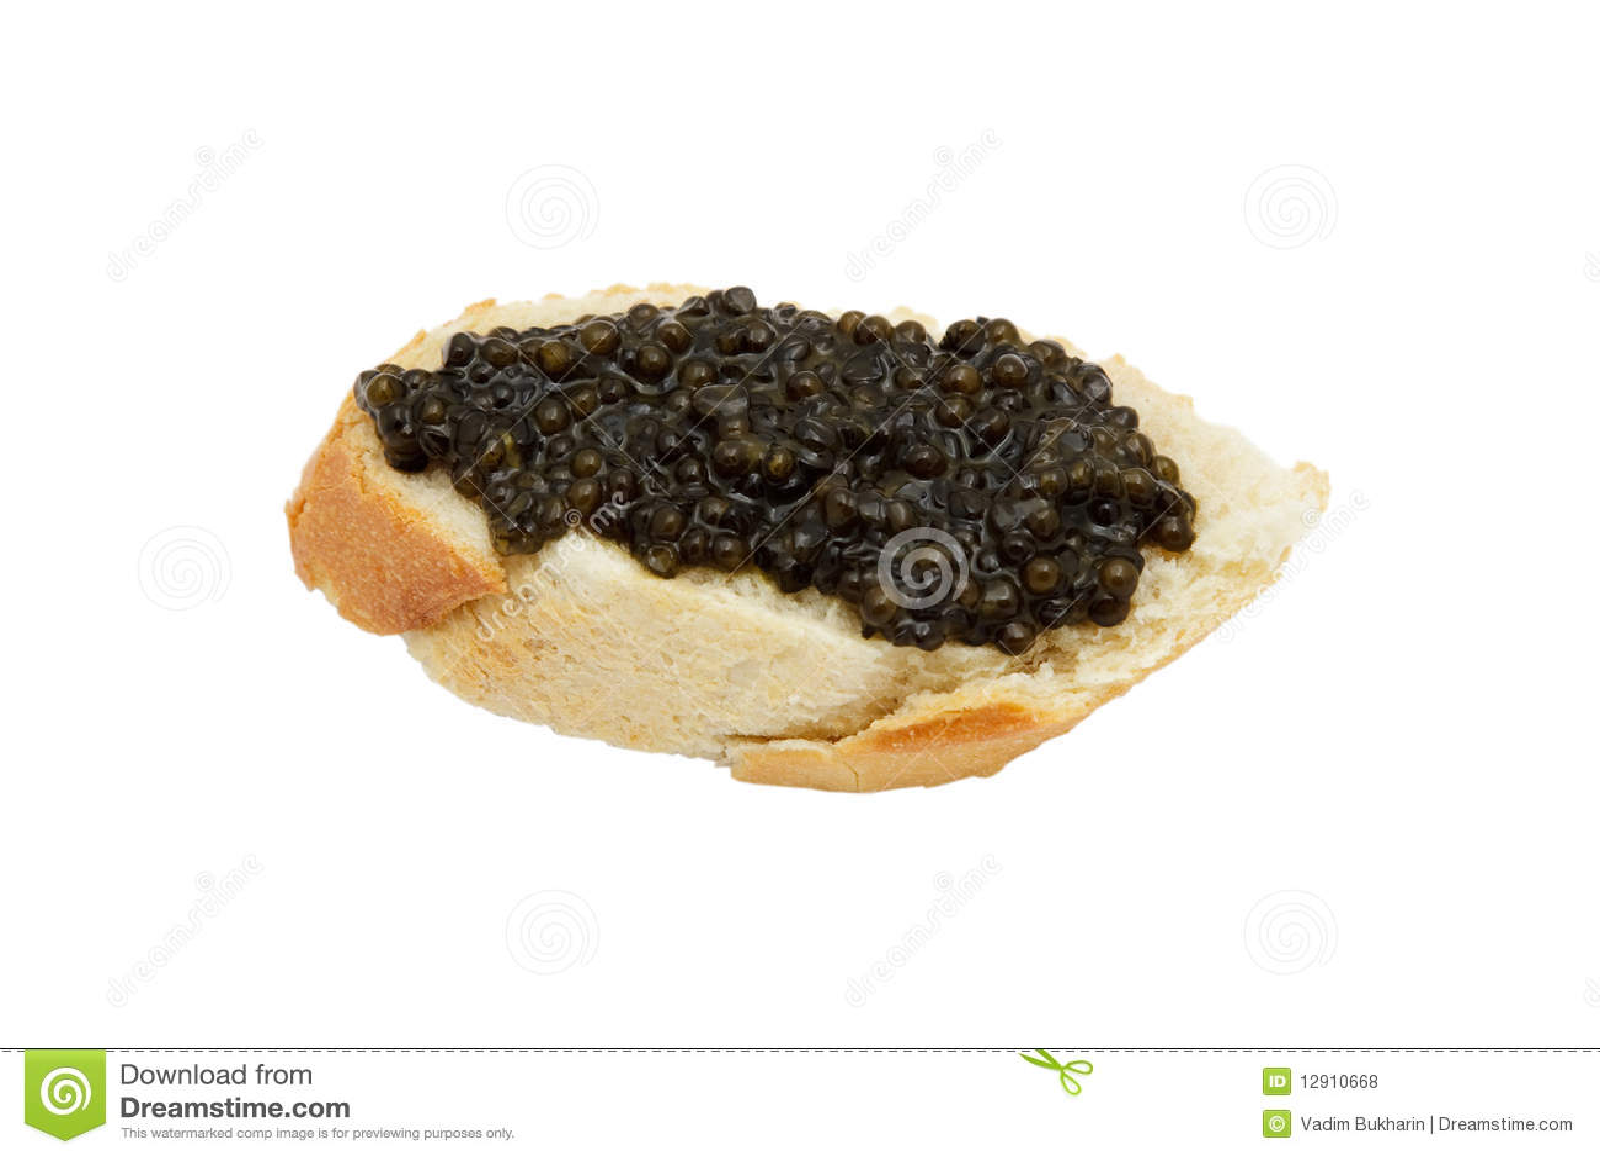 Black caviar royalty free stock photos image 12910668 for Black caviar fish